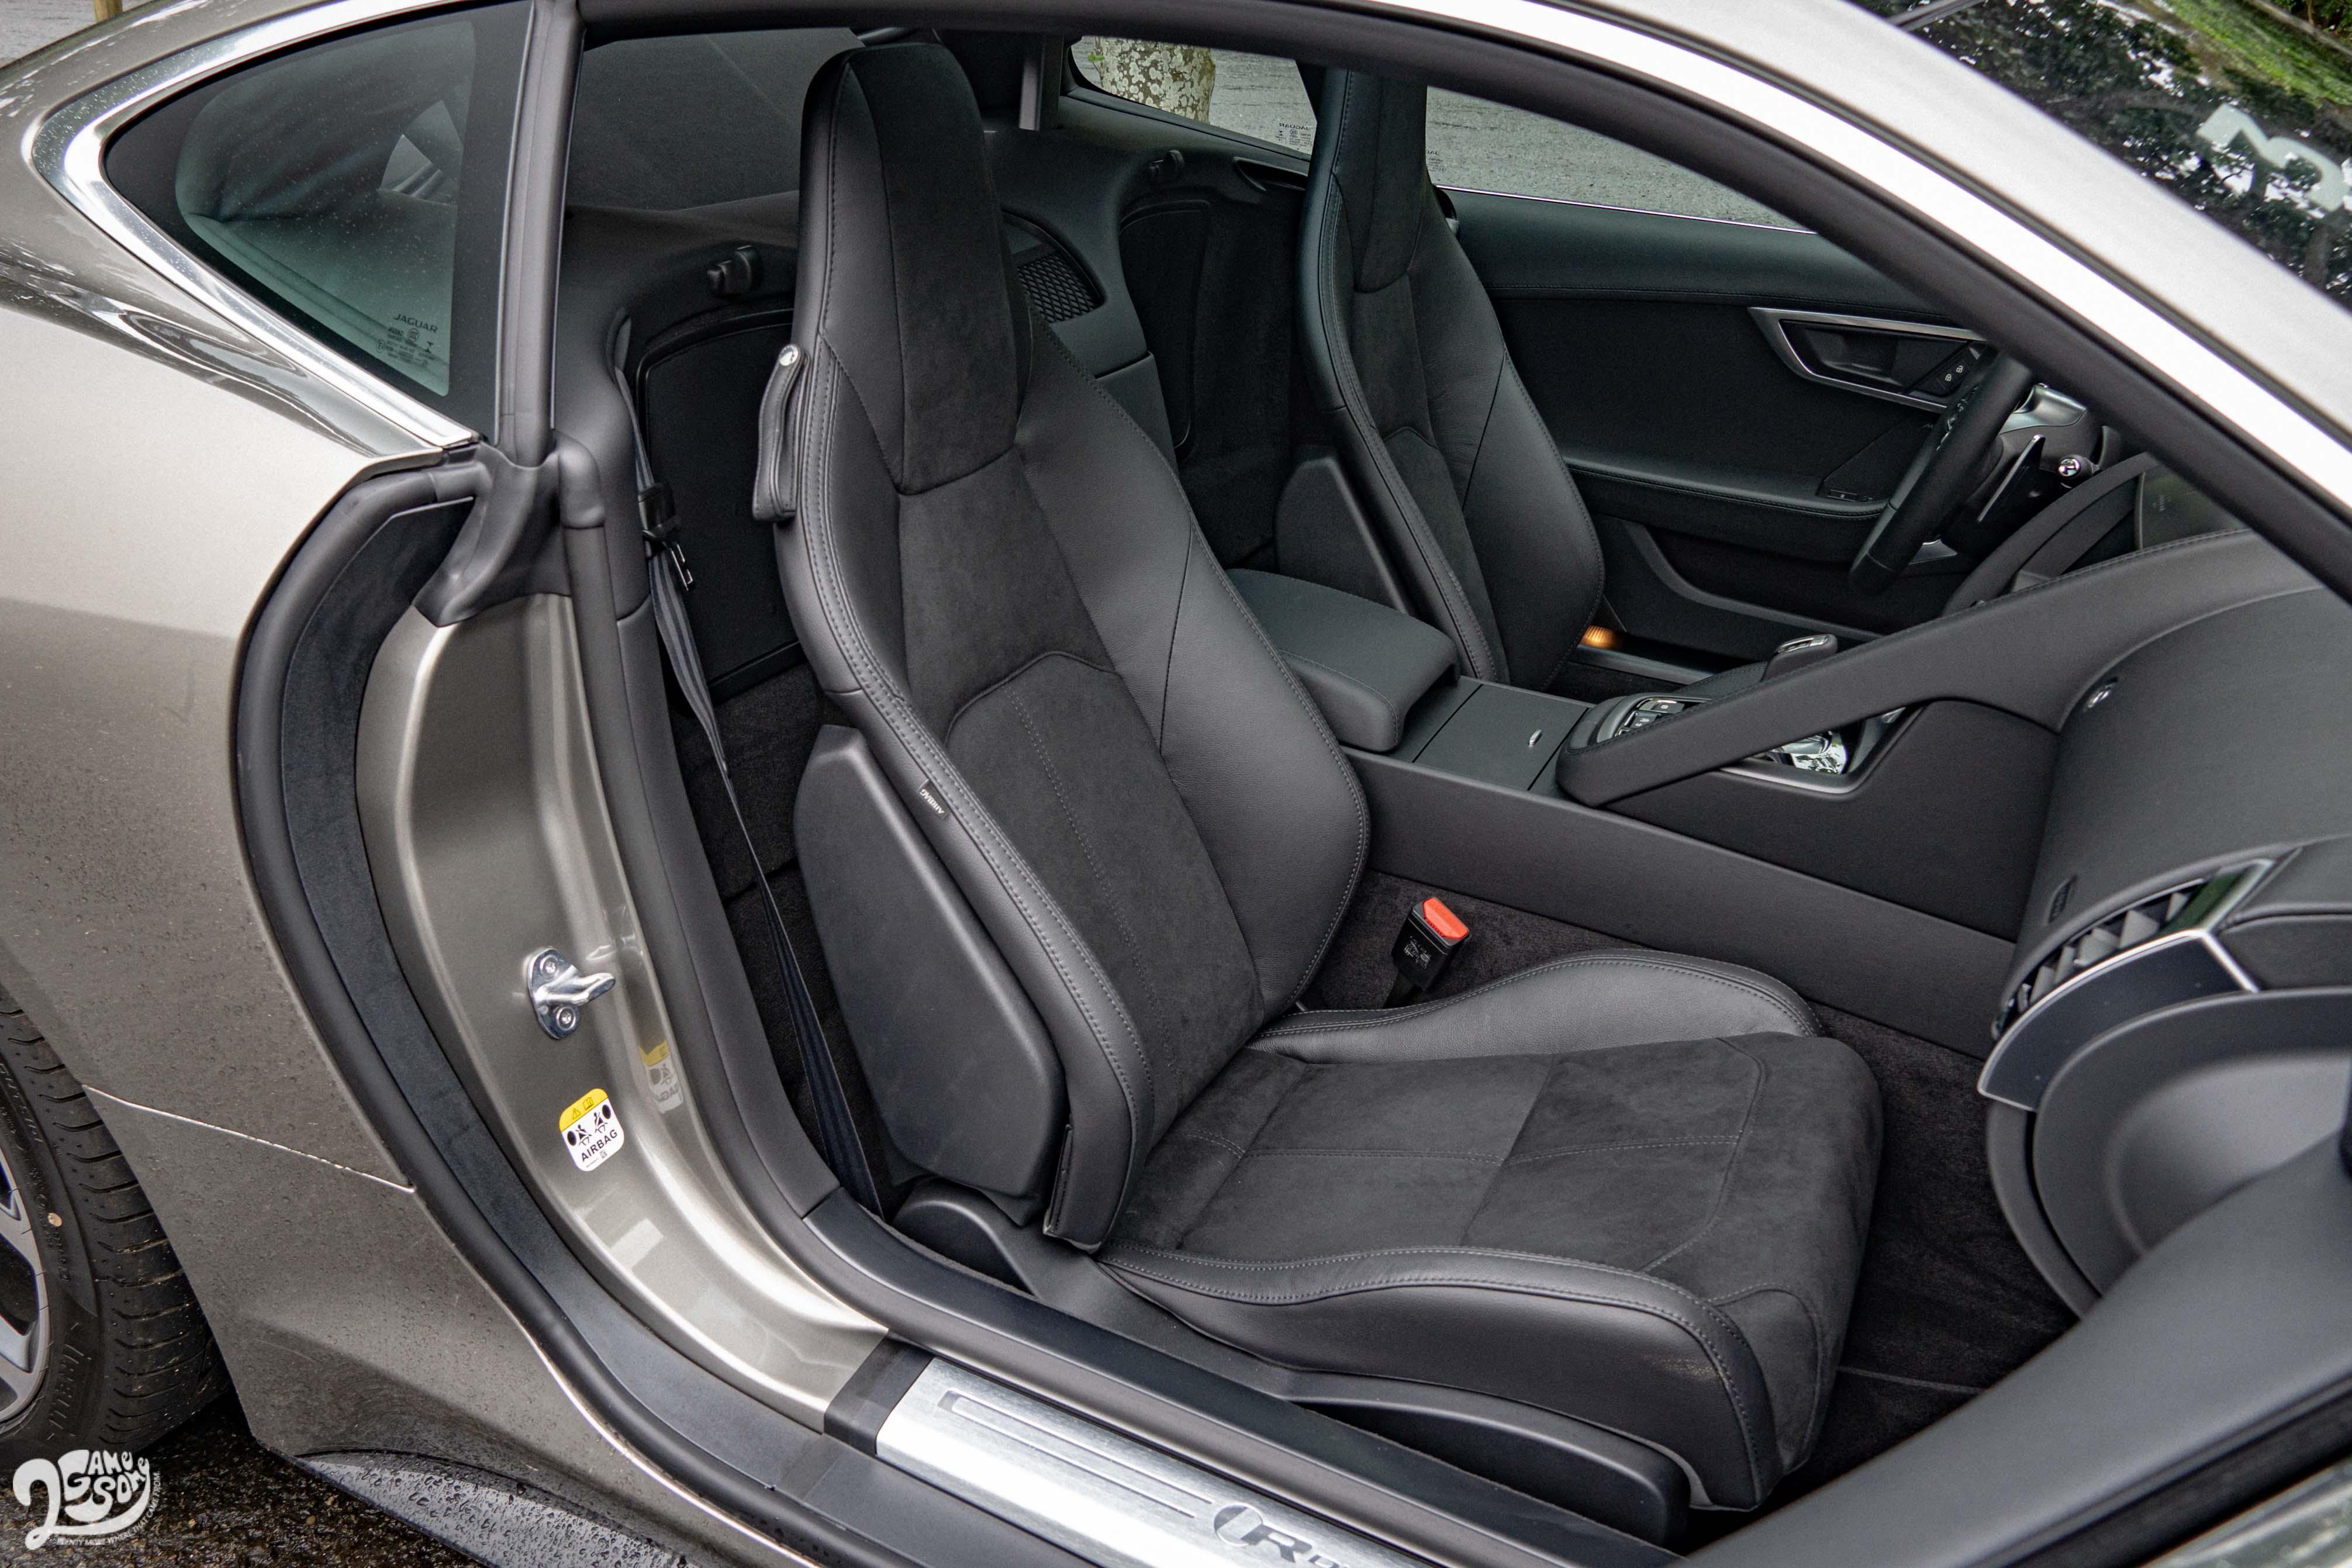 P300 R-Dynamic 車型配備皮革/麂皮 6 向電動調整跑車座椅。